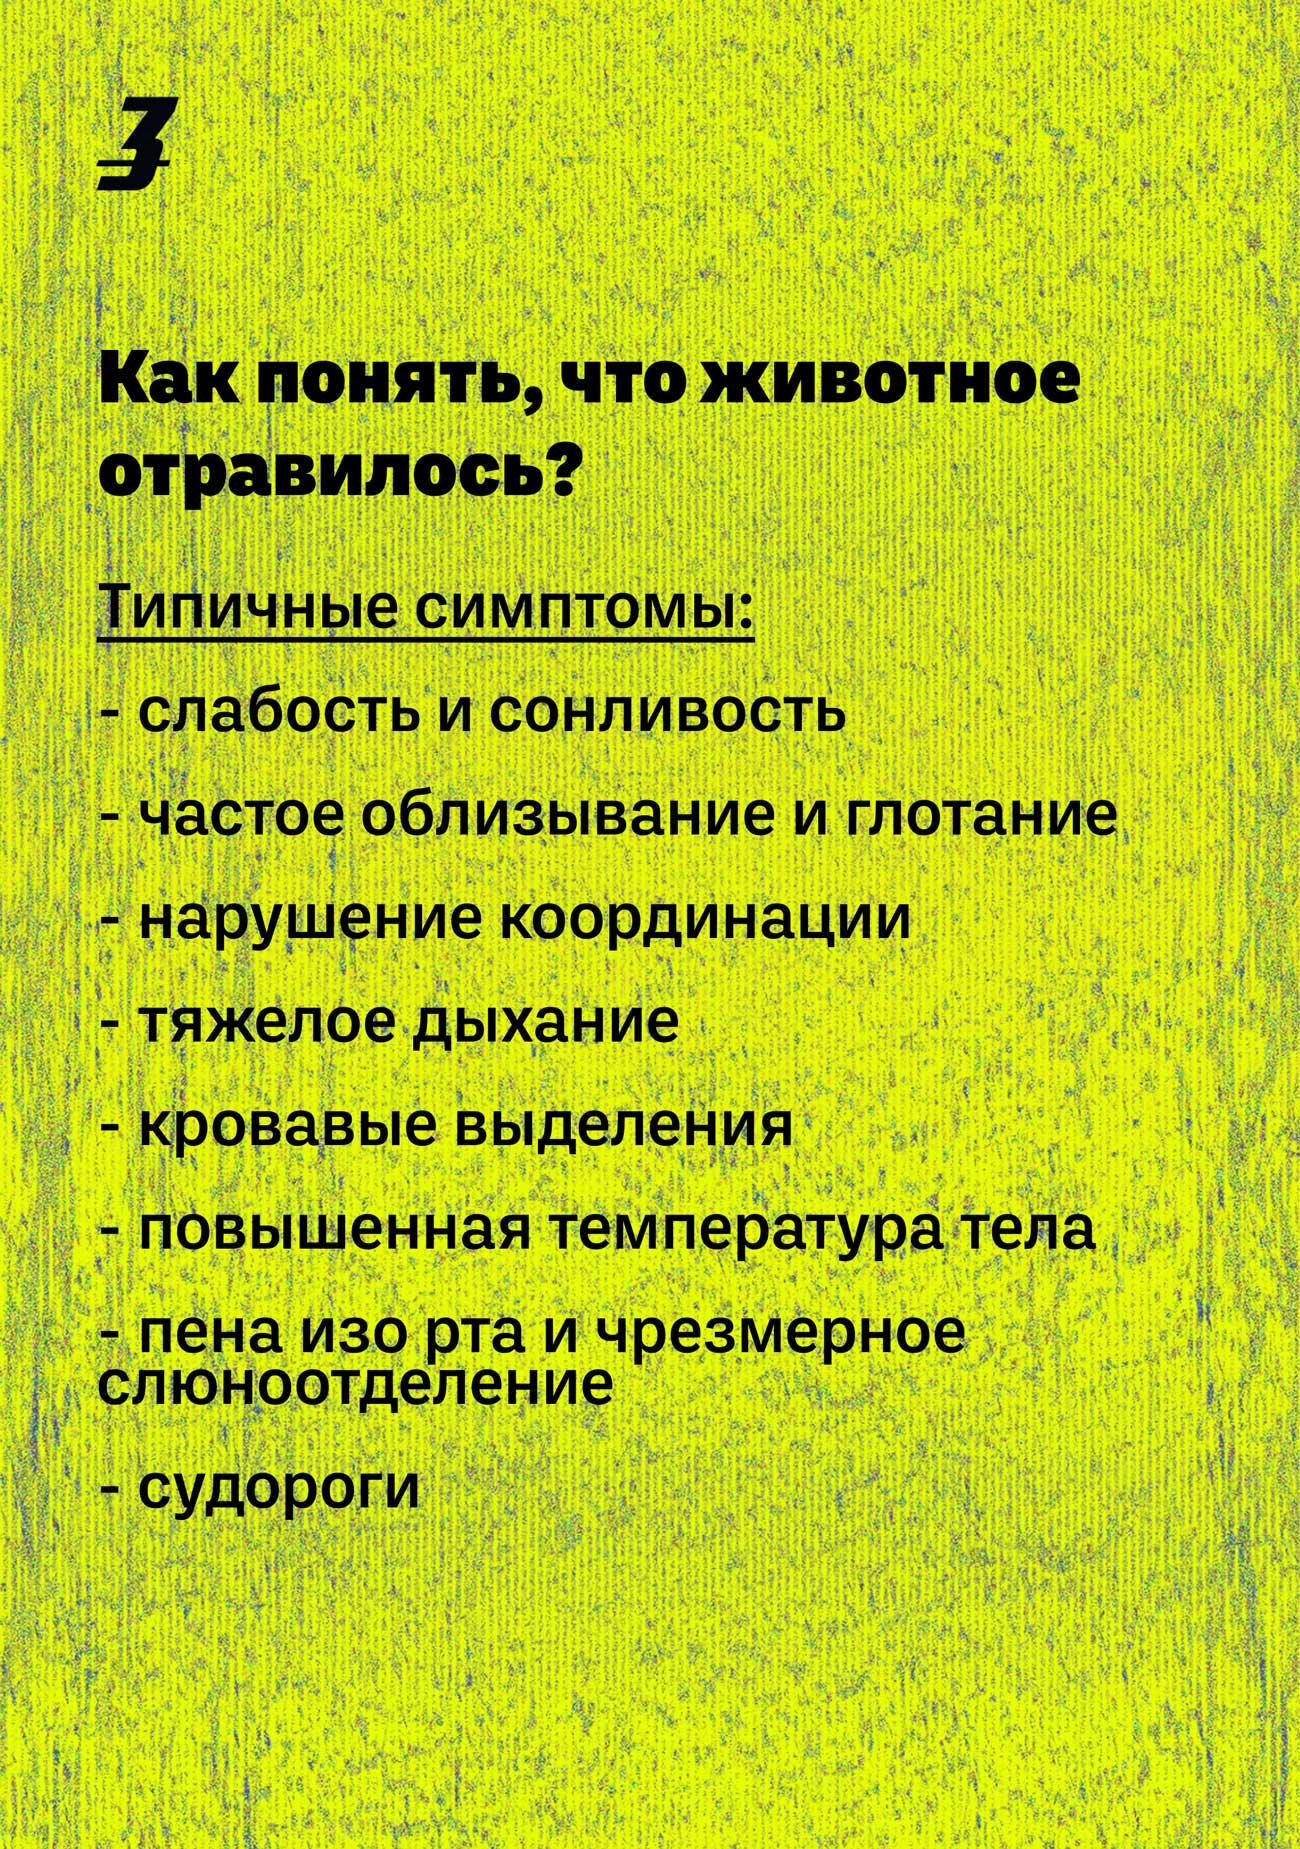 dog hunter ru 01 - <b>Кажется, мою собаку отравили.</b> Что делать? - Заборона